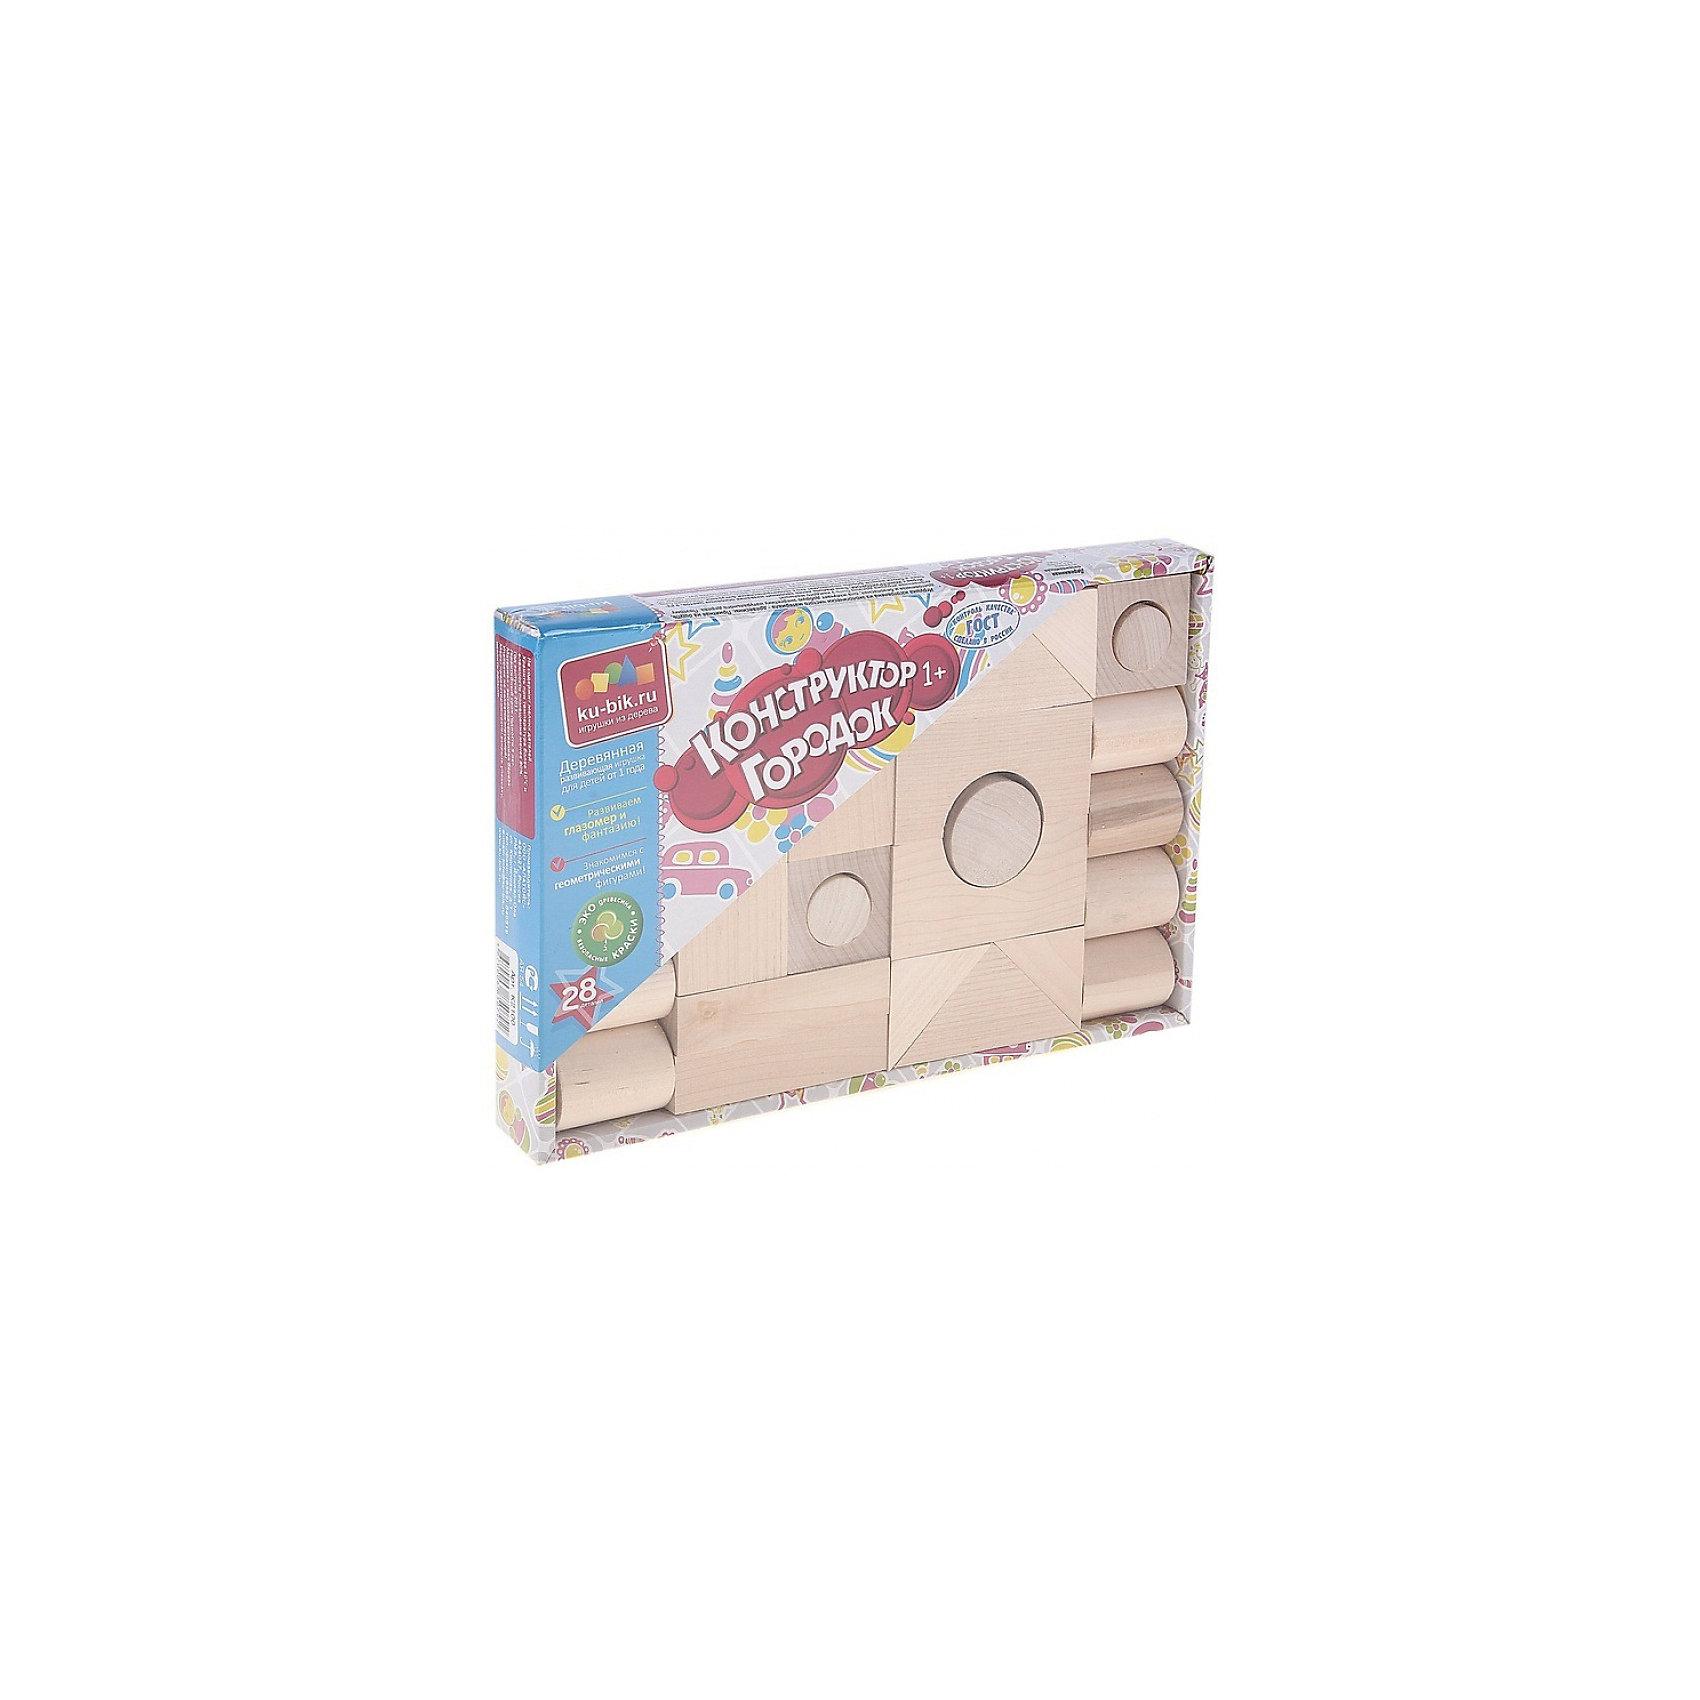 Деревянный конструктор Alatoys Городок, 28 деталей (неокрашенный)Деревянные конструкторы<br>Характеристики:<br><br>• возраст: от 1 года<br>• количество деталей: 28 шт.<br>• материал: древесина (береза)<br>• упаковка: картонная коробка открытого типа<br>• размер упаковки: 25,5х17,5х3 см.<br>• вес: 742 гр.<br><br>Конструктор «Городок» — это замечательный конструктор для самых маленьких. Из деталей конструктора ребенок сможет создать свой собственный город.<br><br>Детали конструктора изготовлены из цельной древесины березы, тщательно отшлифованы. Они не покрыты краской, поэтому ребенок сможет самостоятельно раскрасить детали. Конструктор не потеряет привлекательный вид, даже если играть с ним каждый день. Мелкие детали отсутствуют.<br><br>Конструктор знакомит малыша с геометрическими формами и размерами предметов, развивает мелкую моторику и пространственное воображение. <br><br>Конструктор ALATOYS К2100 Конструктор Городок неокрашенный 28 деталей можно купить в нашем интернет-магазине.<br><br>Ширина мм: 175<br>Глубина мм: 255<br>Высота мм: 30<br>Вес г: 742<br>Возраст от месяцев: 36<br>Возраст до месяцев: 2147483647<br>Пол: Унисекс<br>Возраст: Детский<br>SKU: 7140531